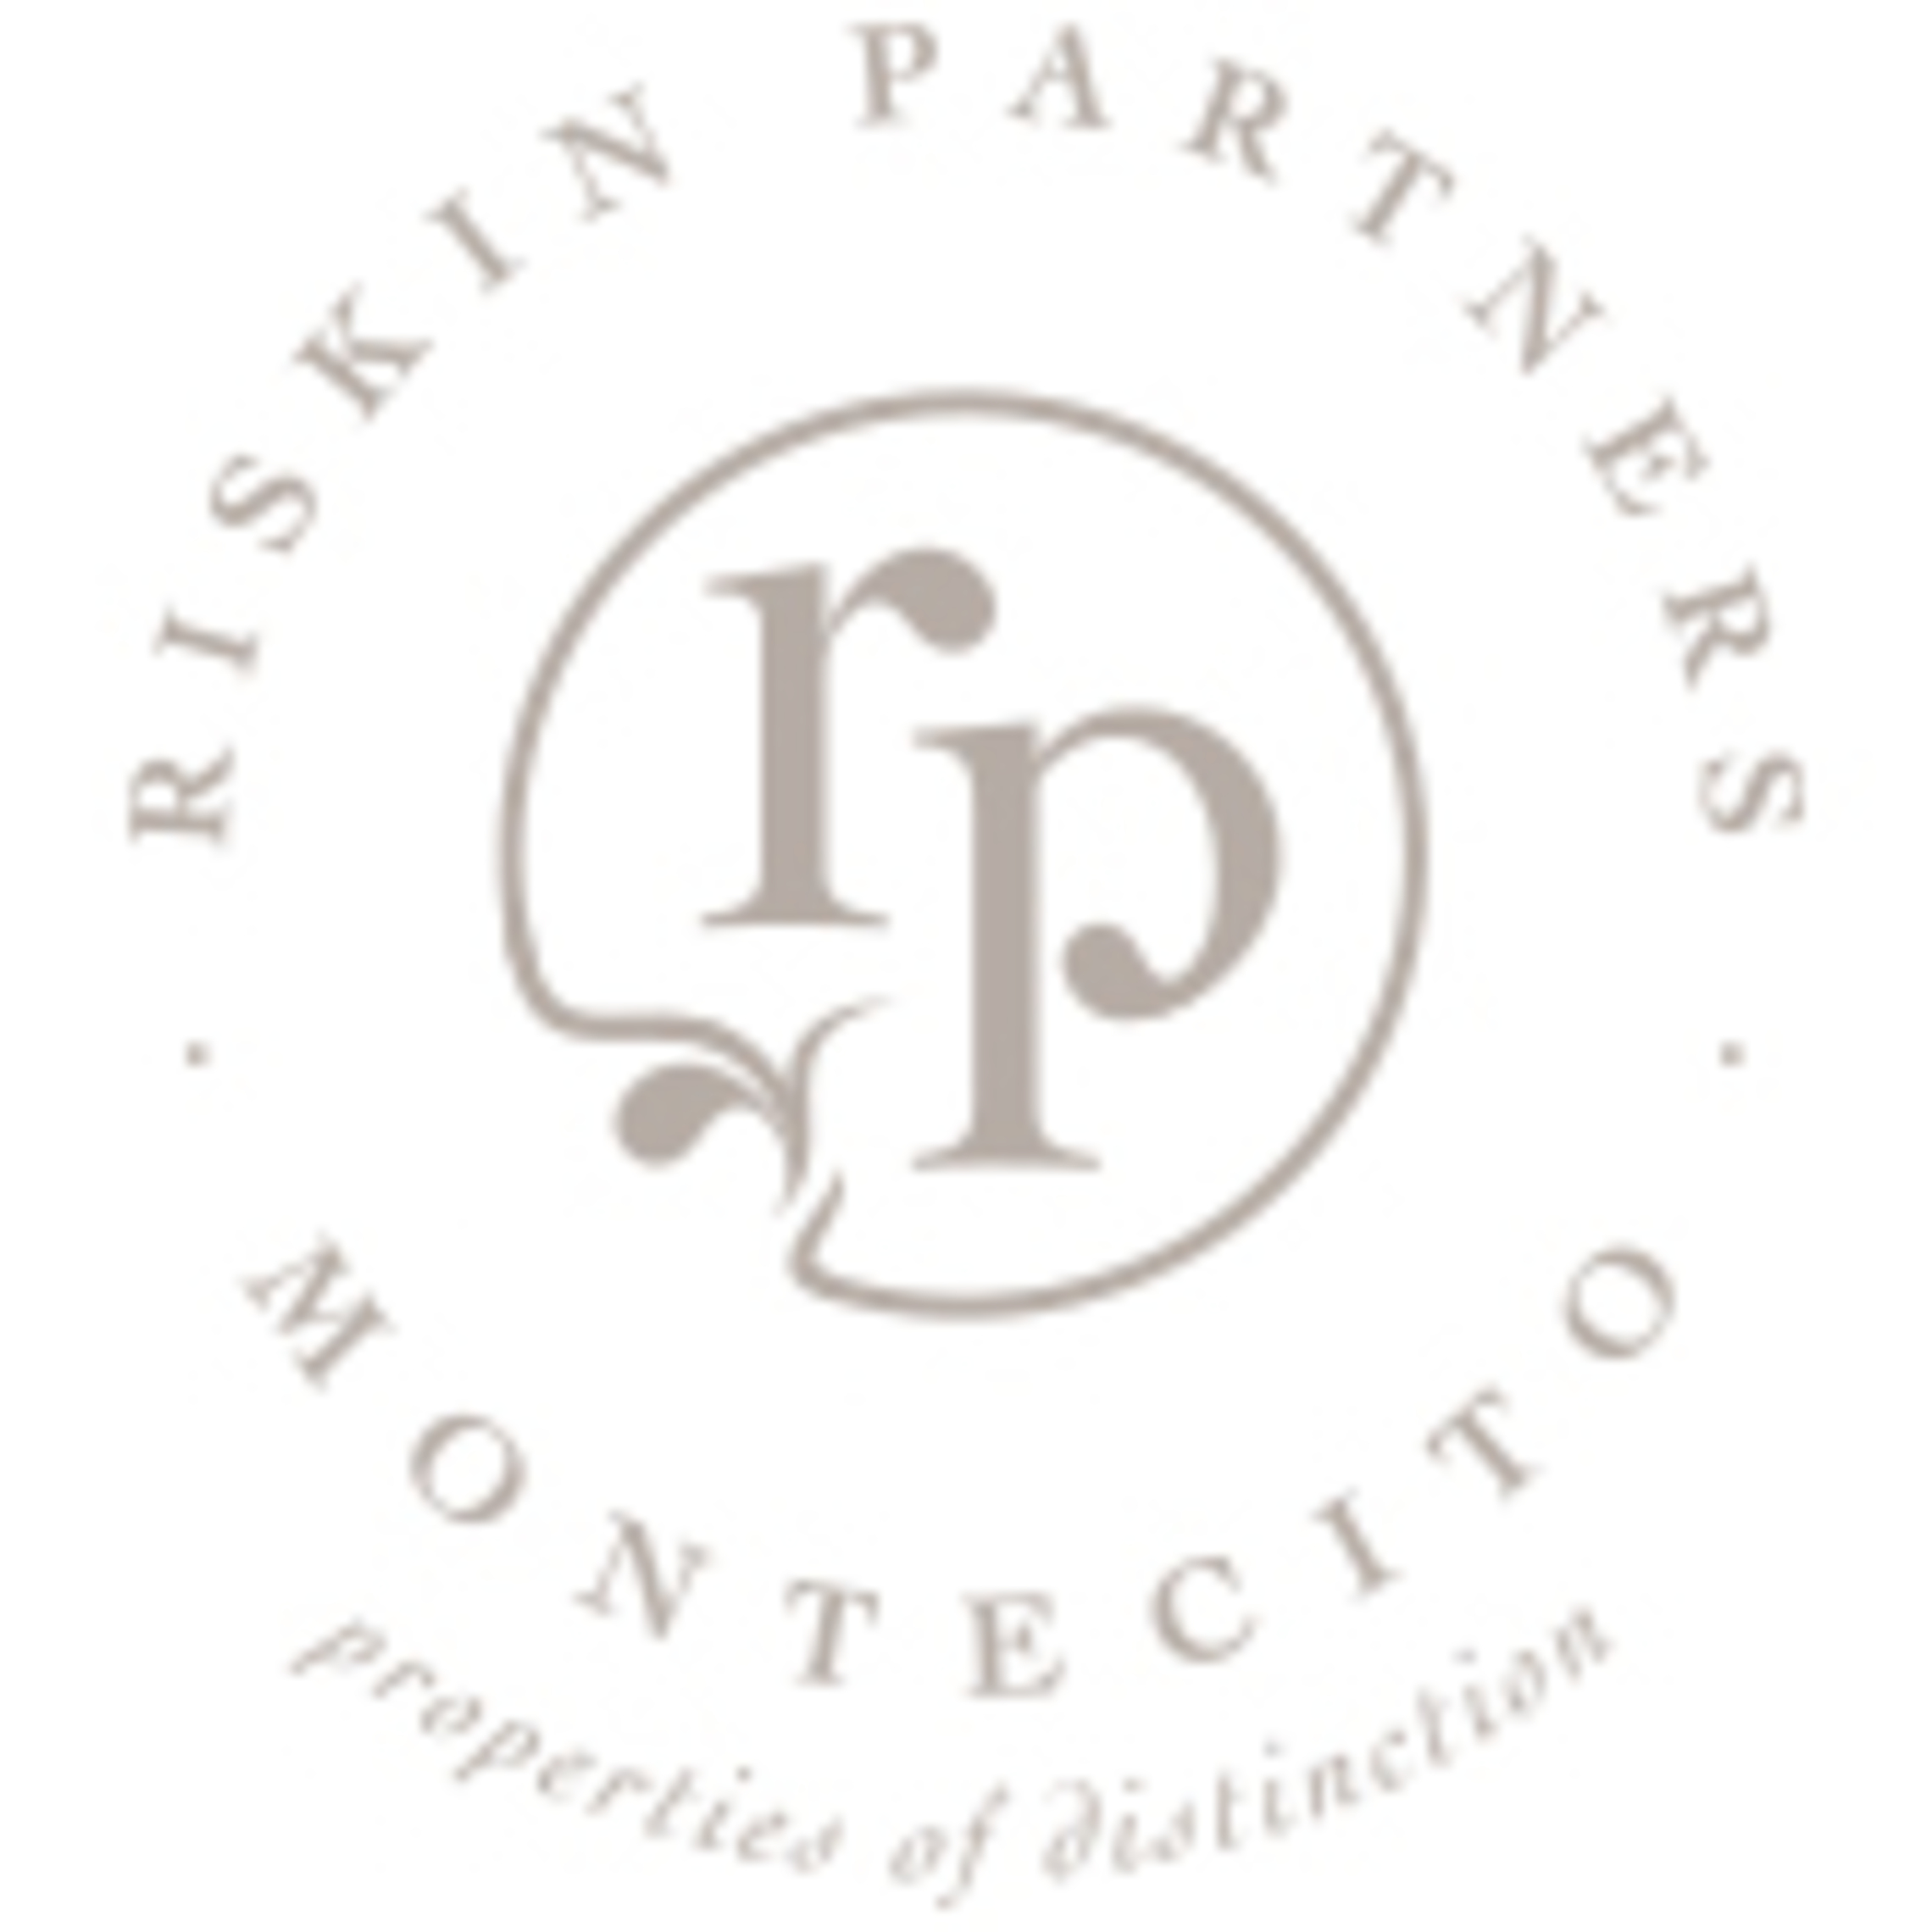 riskin partners- company logo